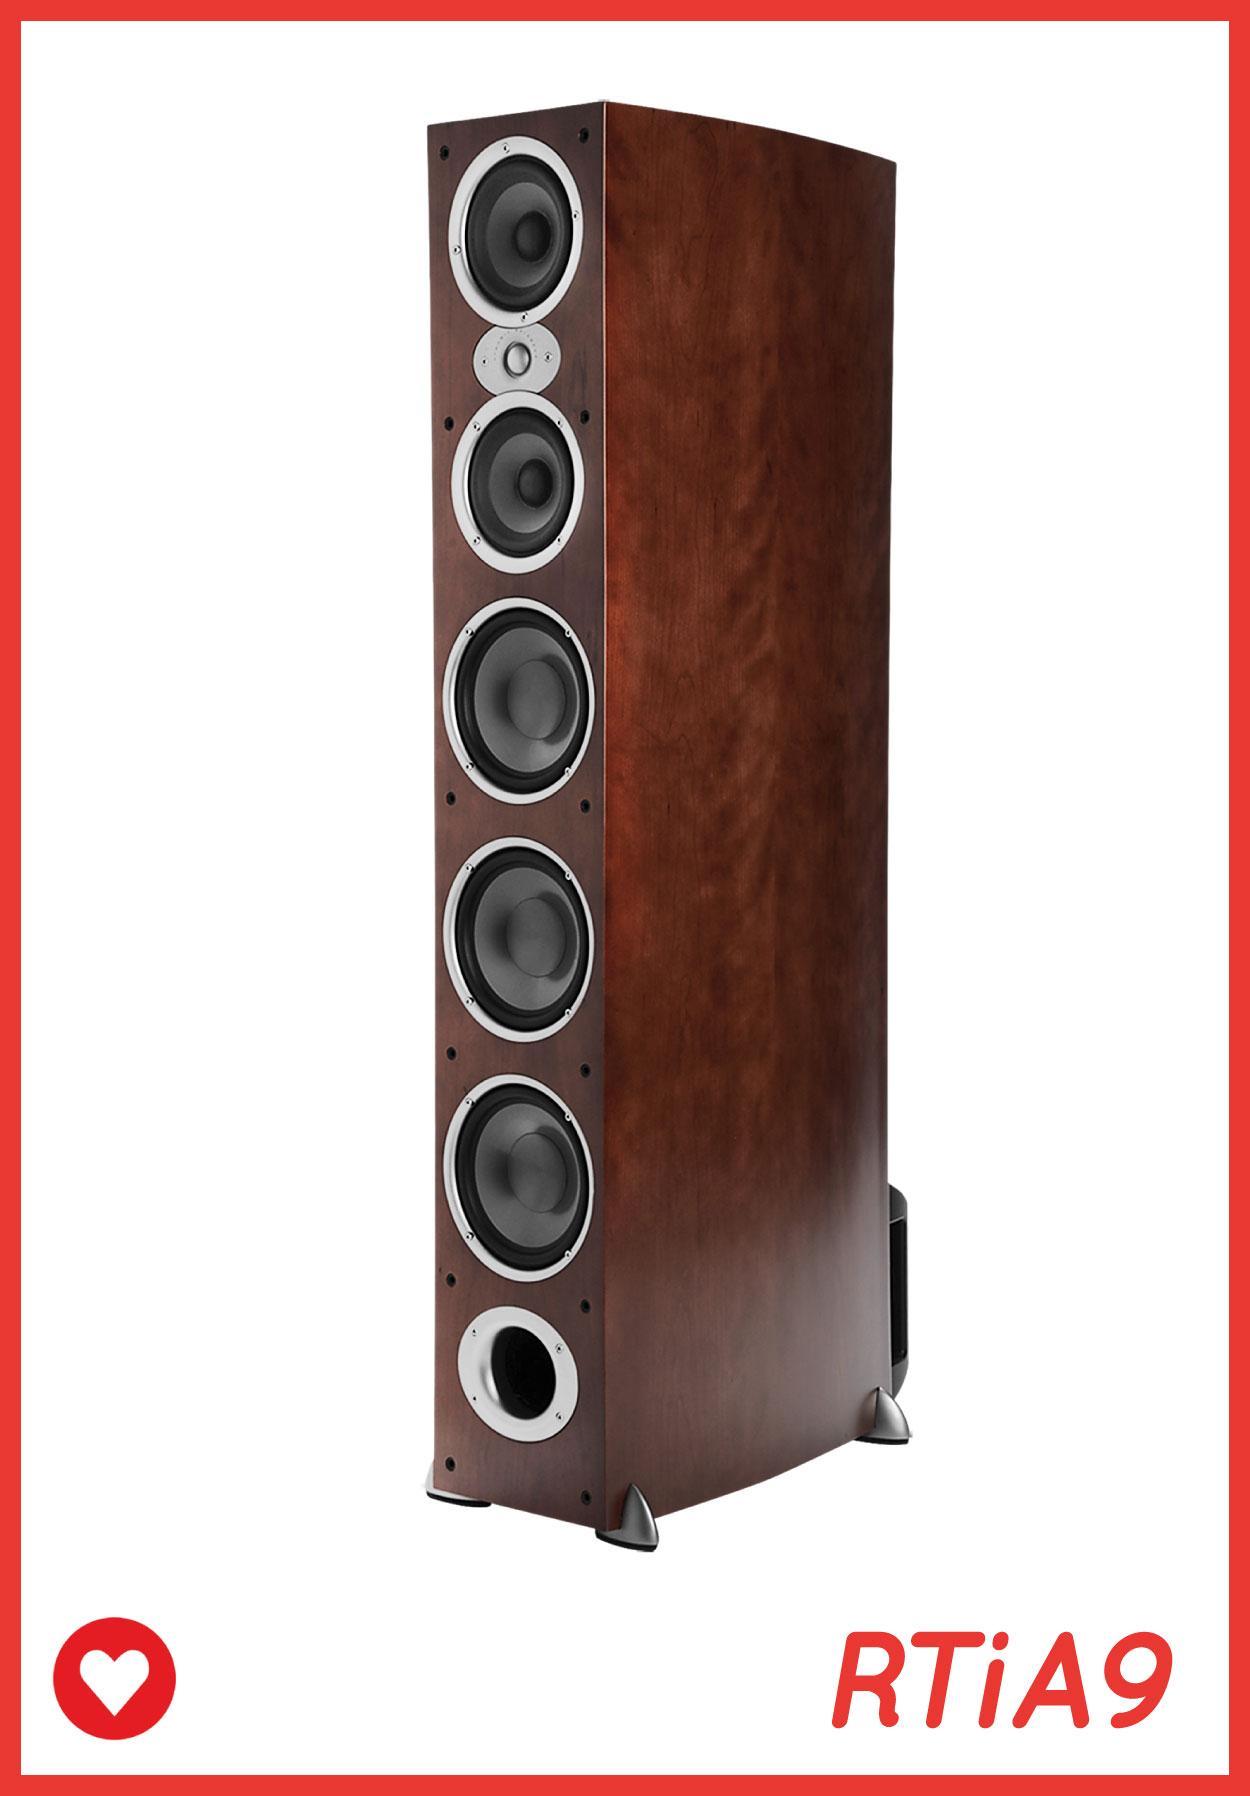 Polk Audio RTiA9 Dong Thanh - Hoa Phuc -01.jpg